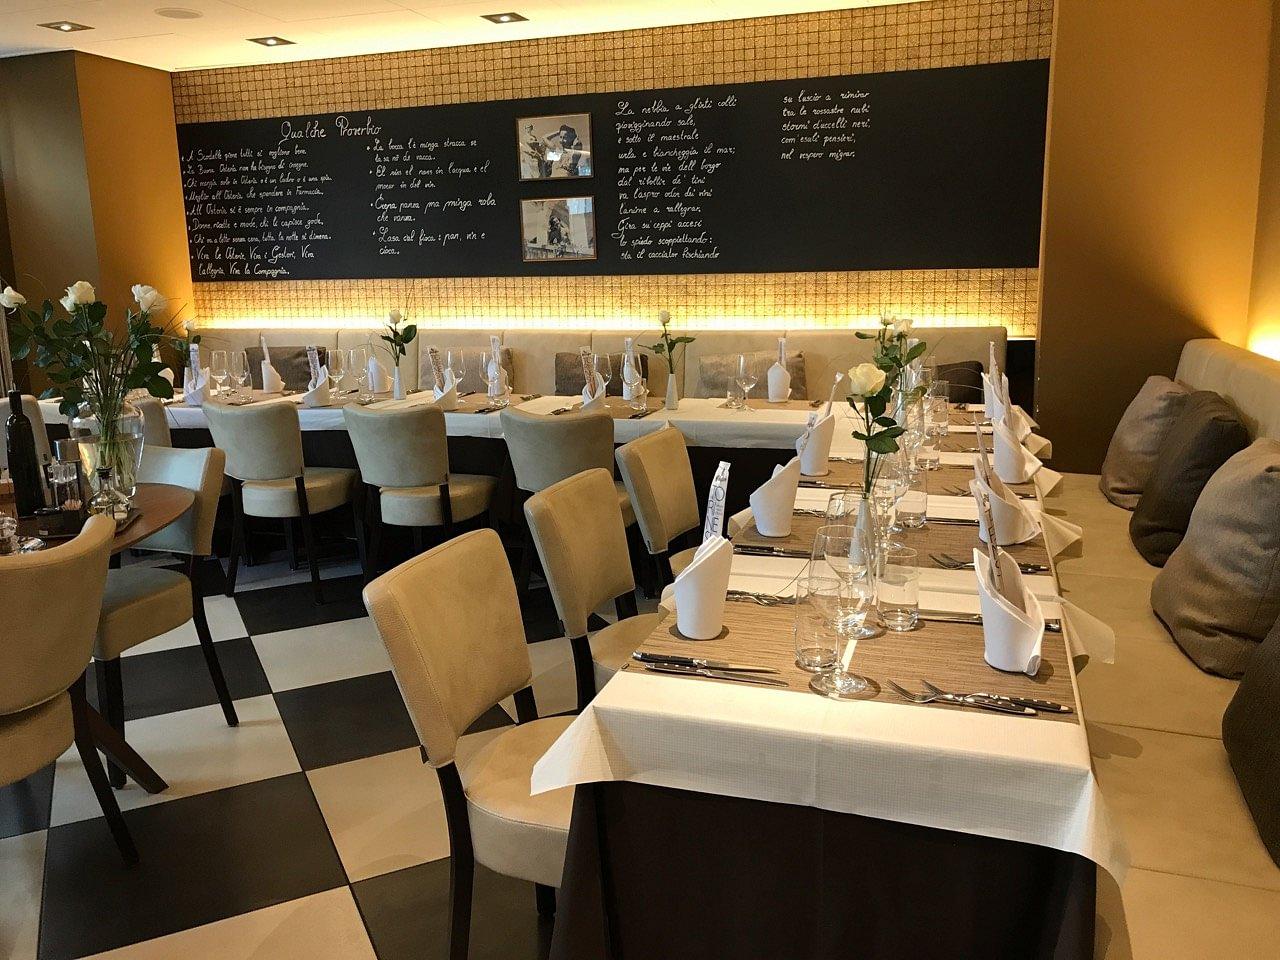 Osteria Balsamico in Lausanne - Adresse & Öffnungszeiten auf local ...